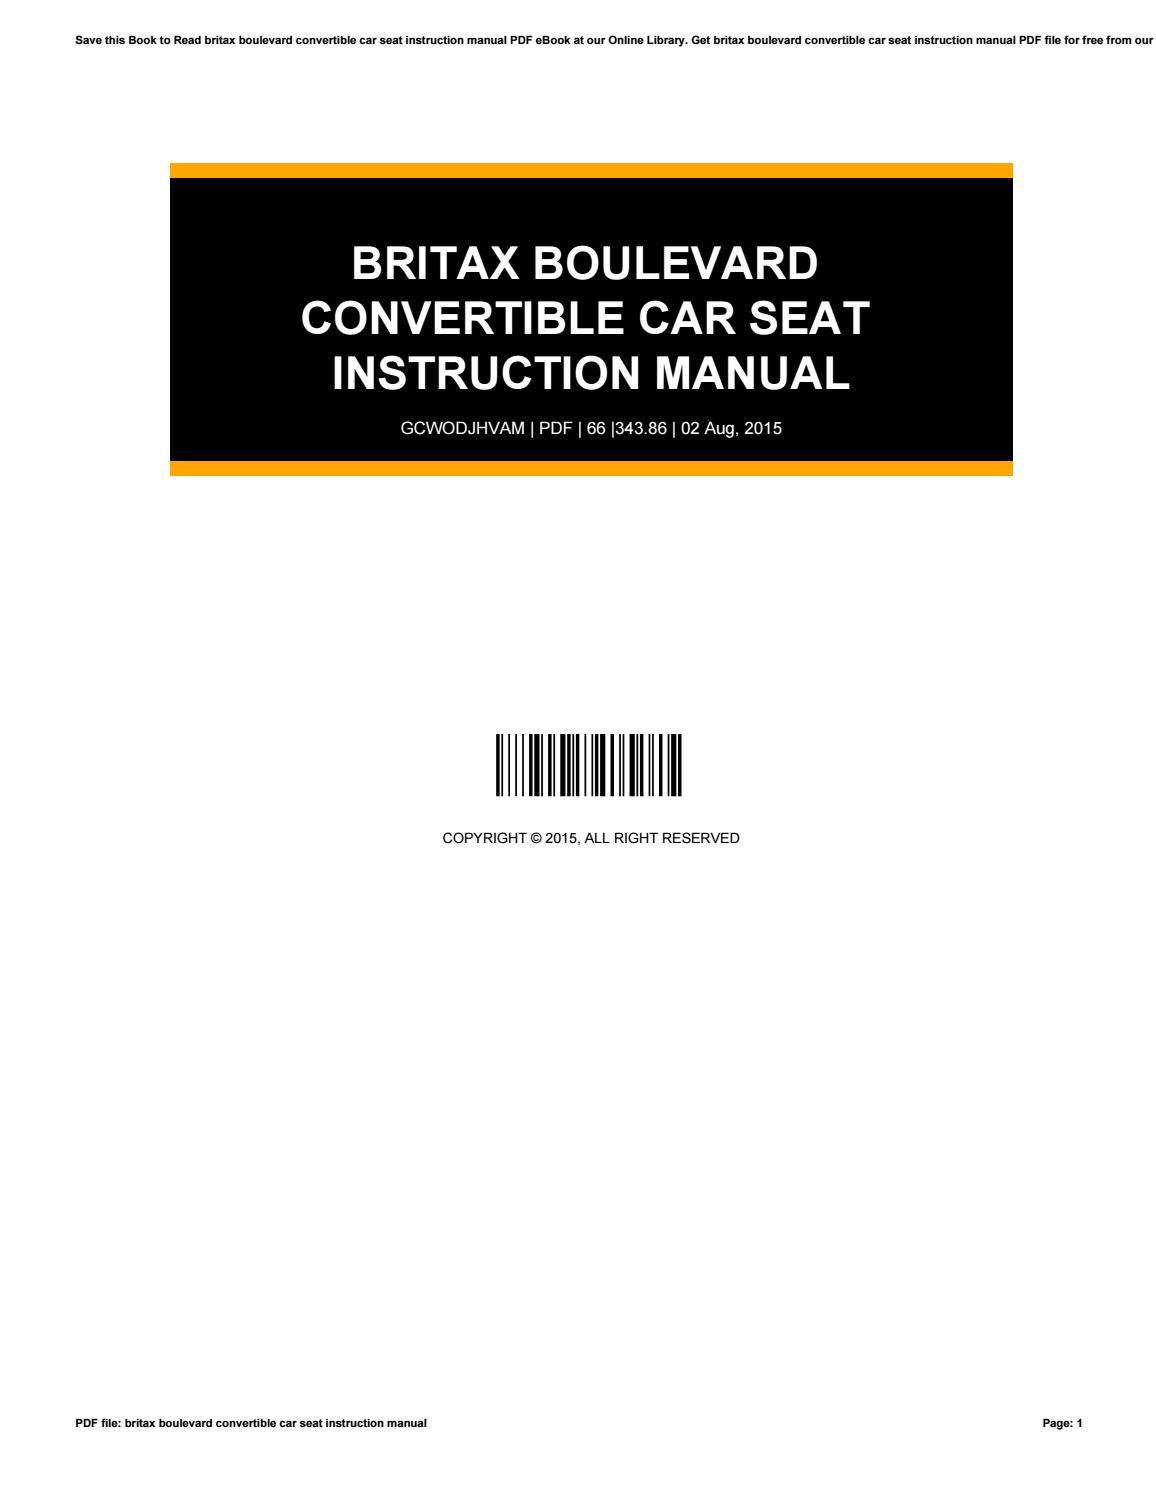 britax boulevard manual ebook